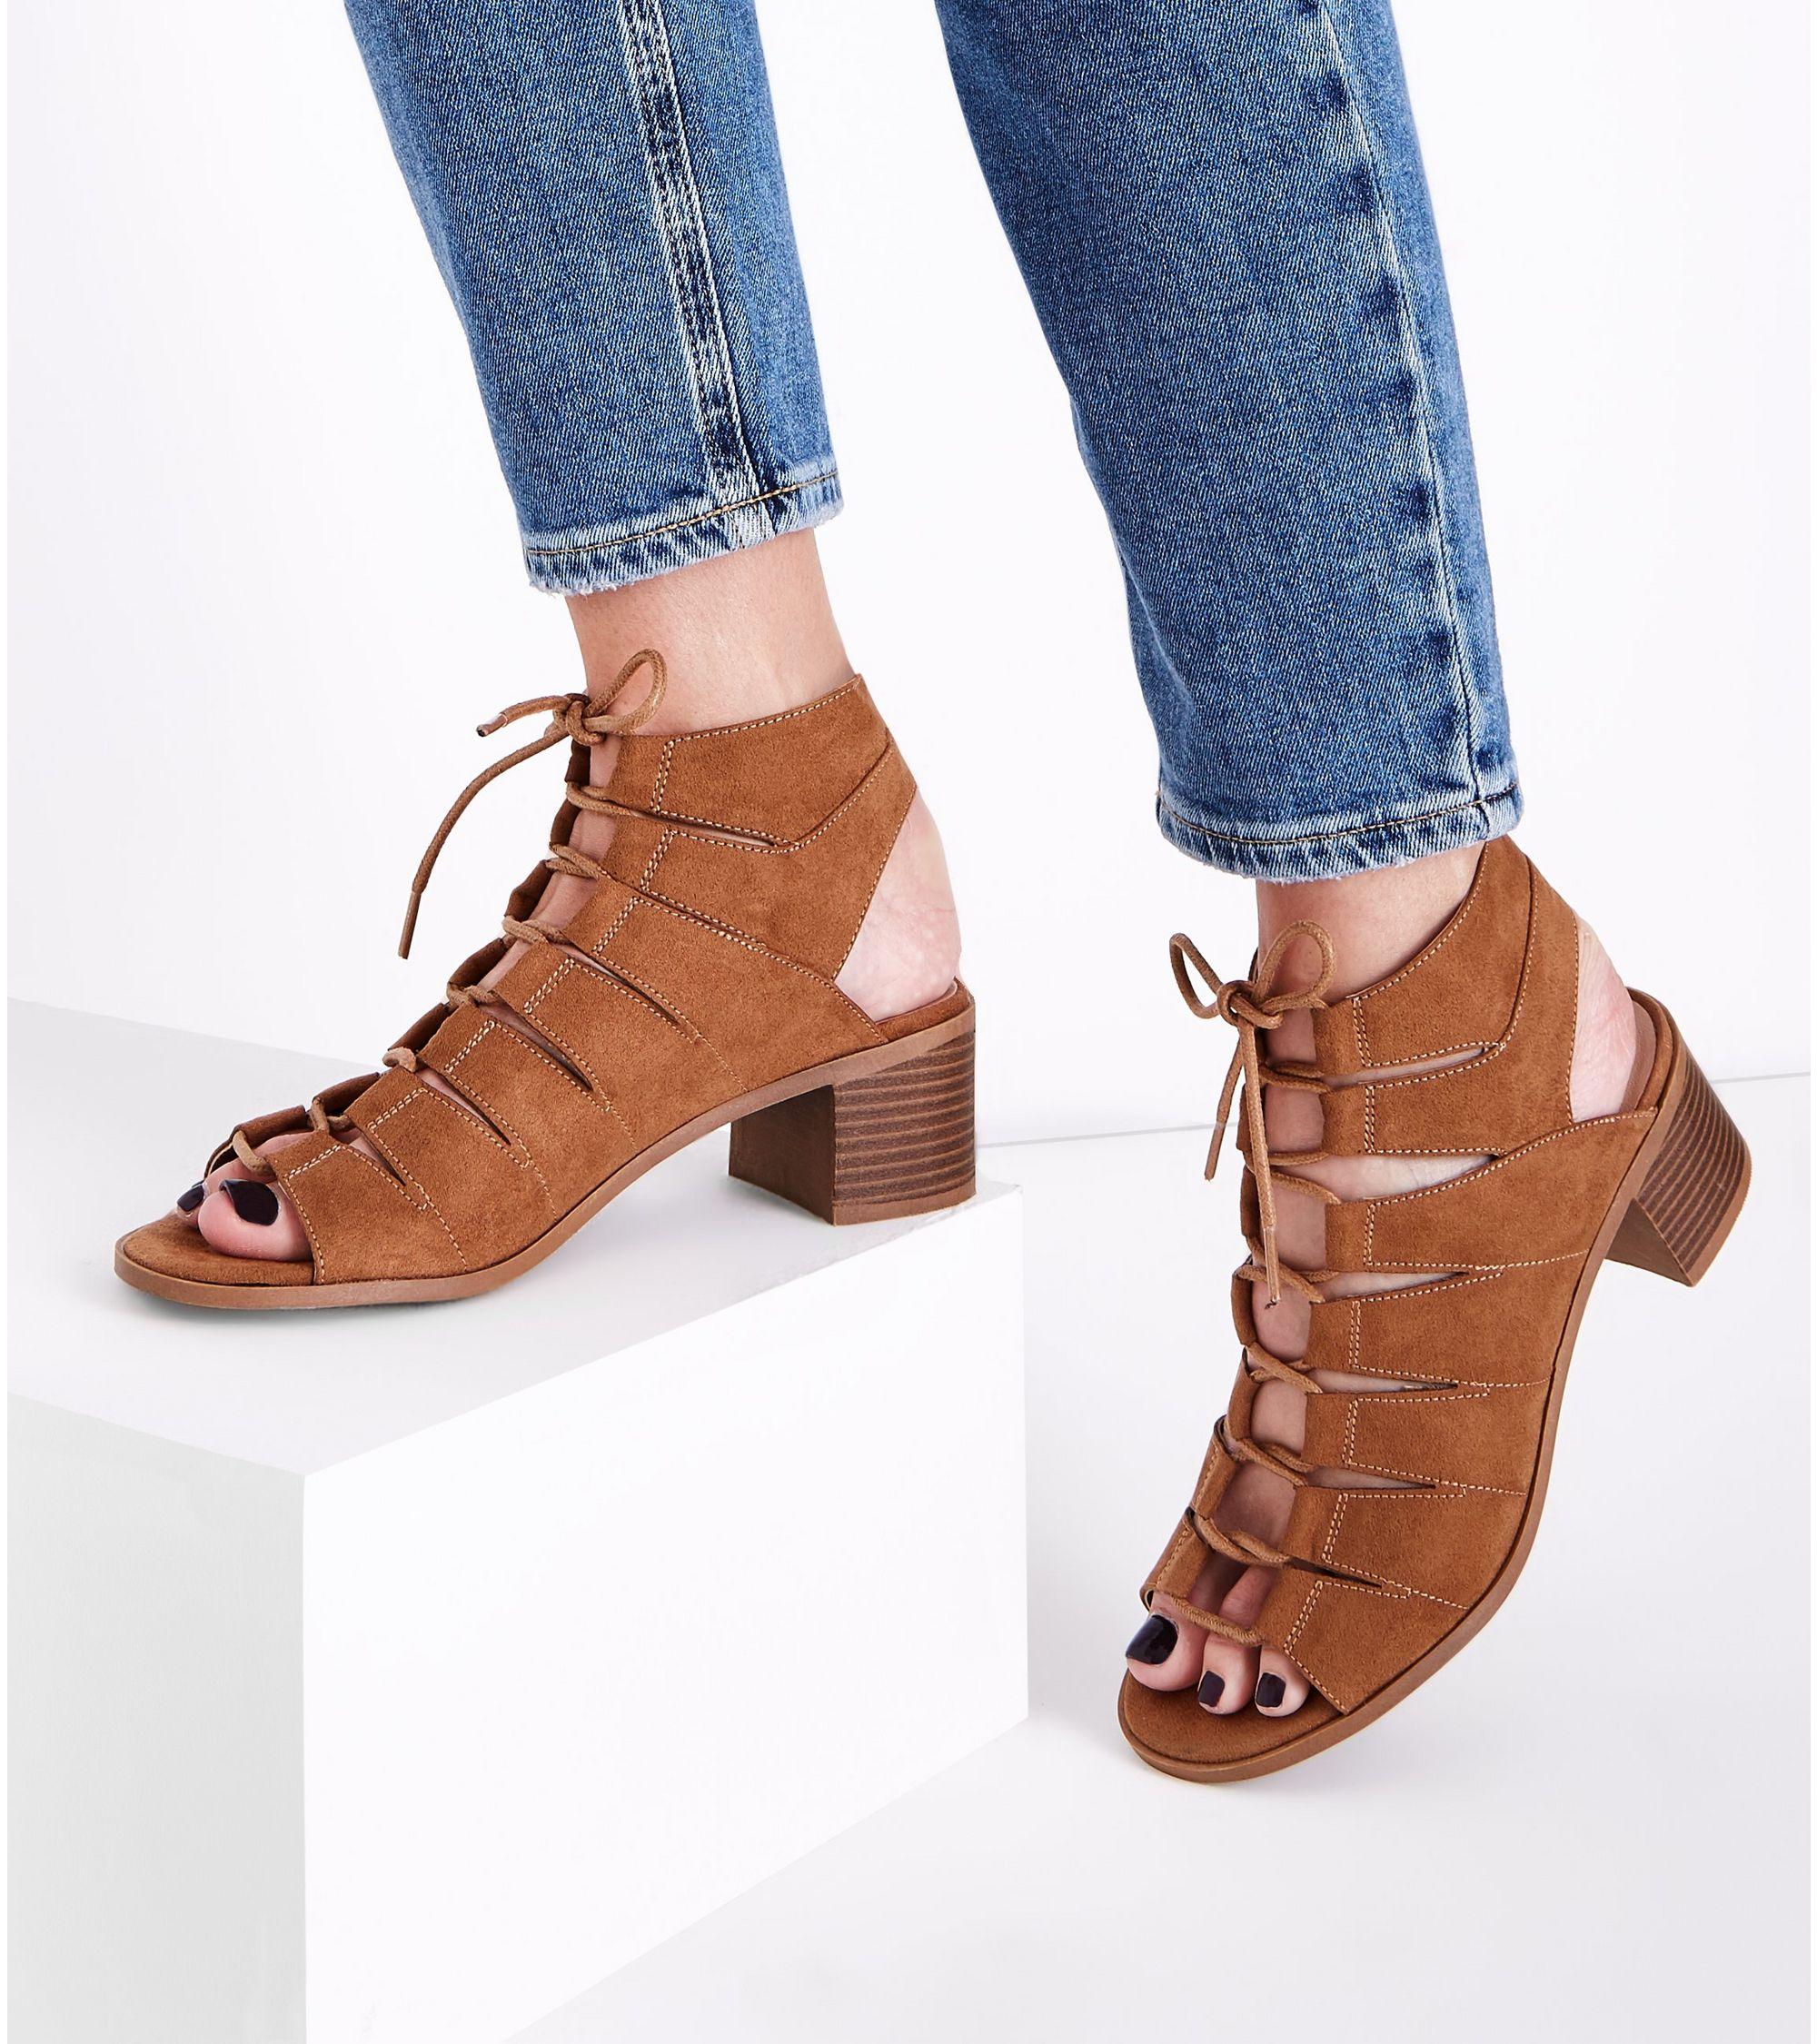 ff4280bdcd3 New Look Tan Suedette Low Block Heel Ghillie Sandals at £25.99 ...